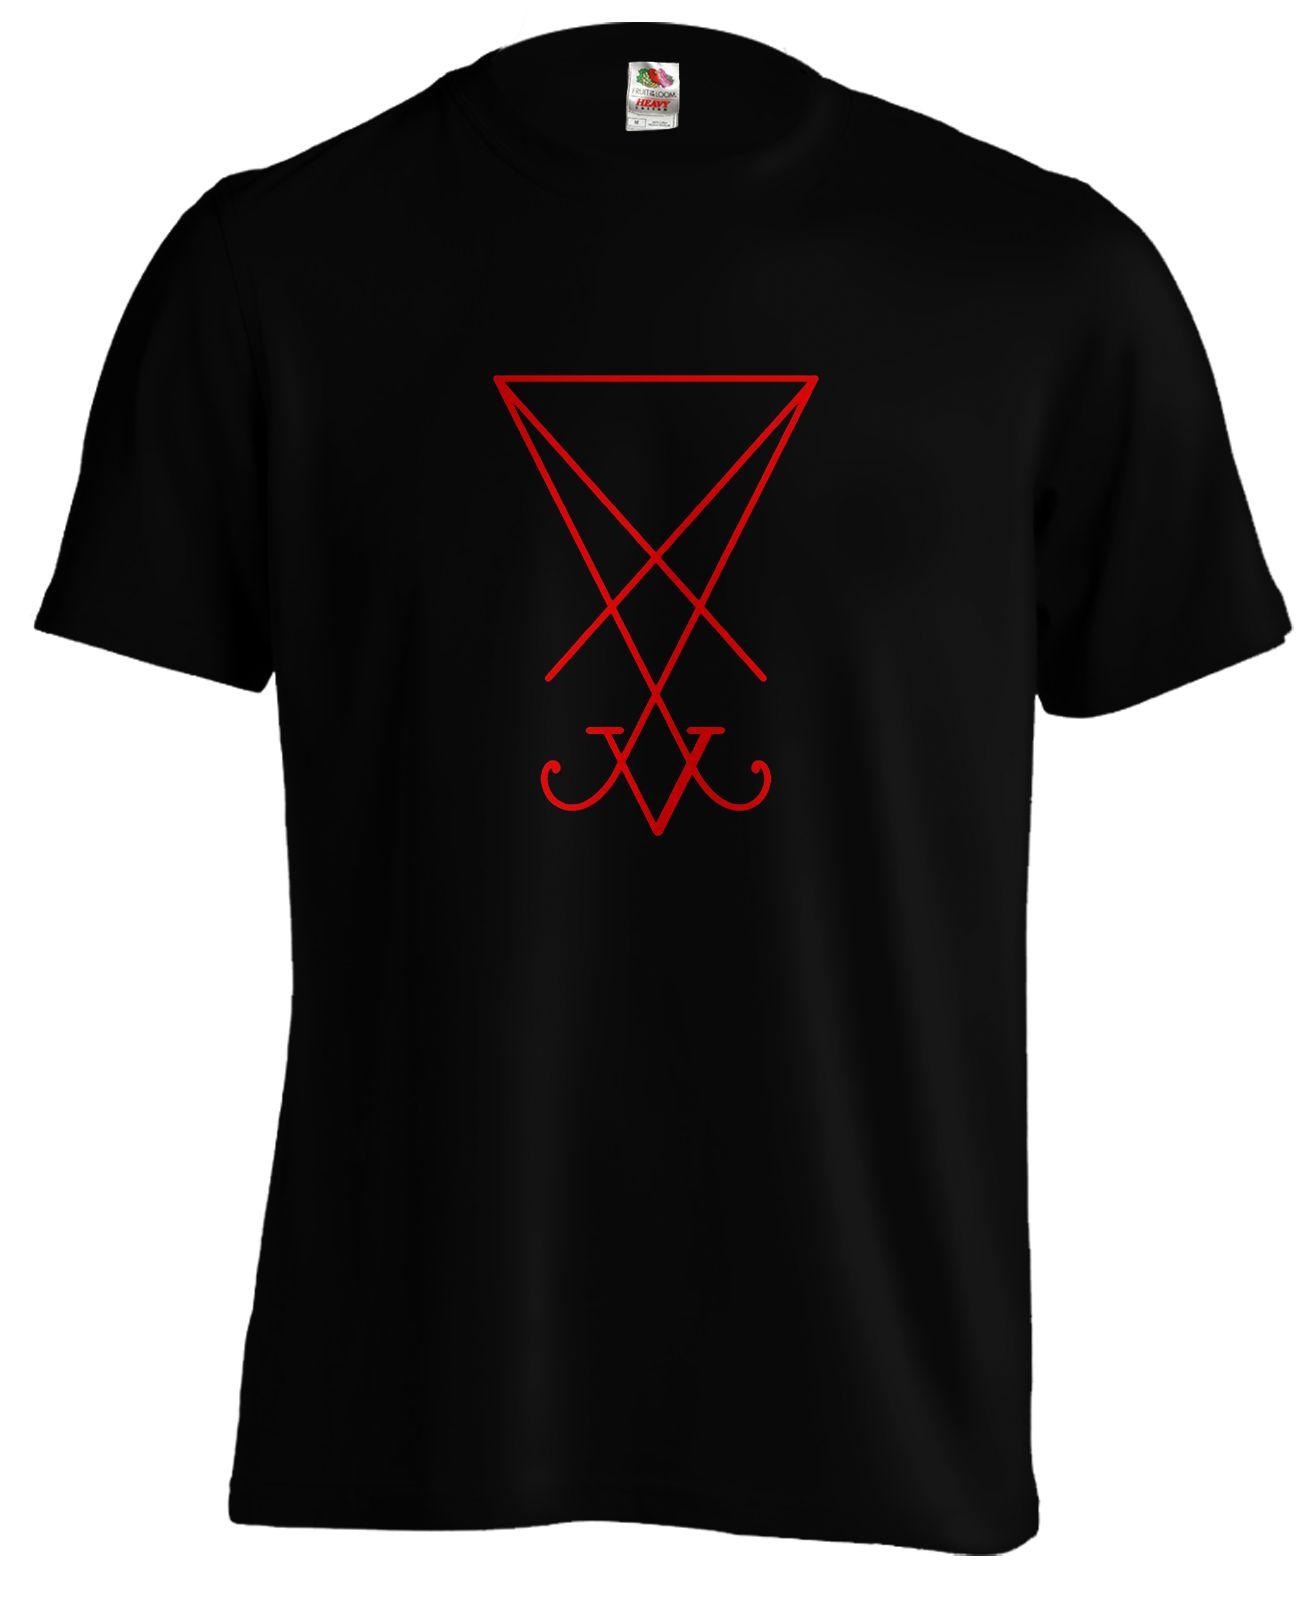 Lucifer Sigil Satan Occulte Horreur Sorcière Goth T-shirt T Cartoon hommes de T-shirt unisexe Nouveau mode tshirt Livraison gratuite drôle